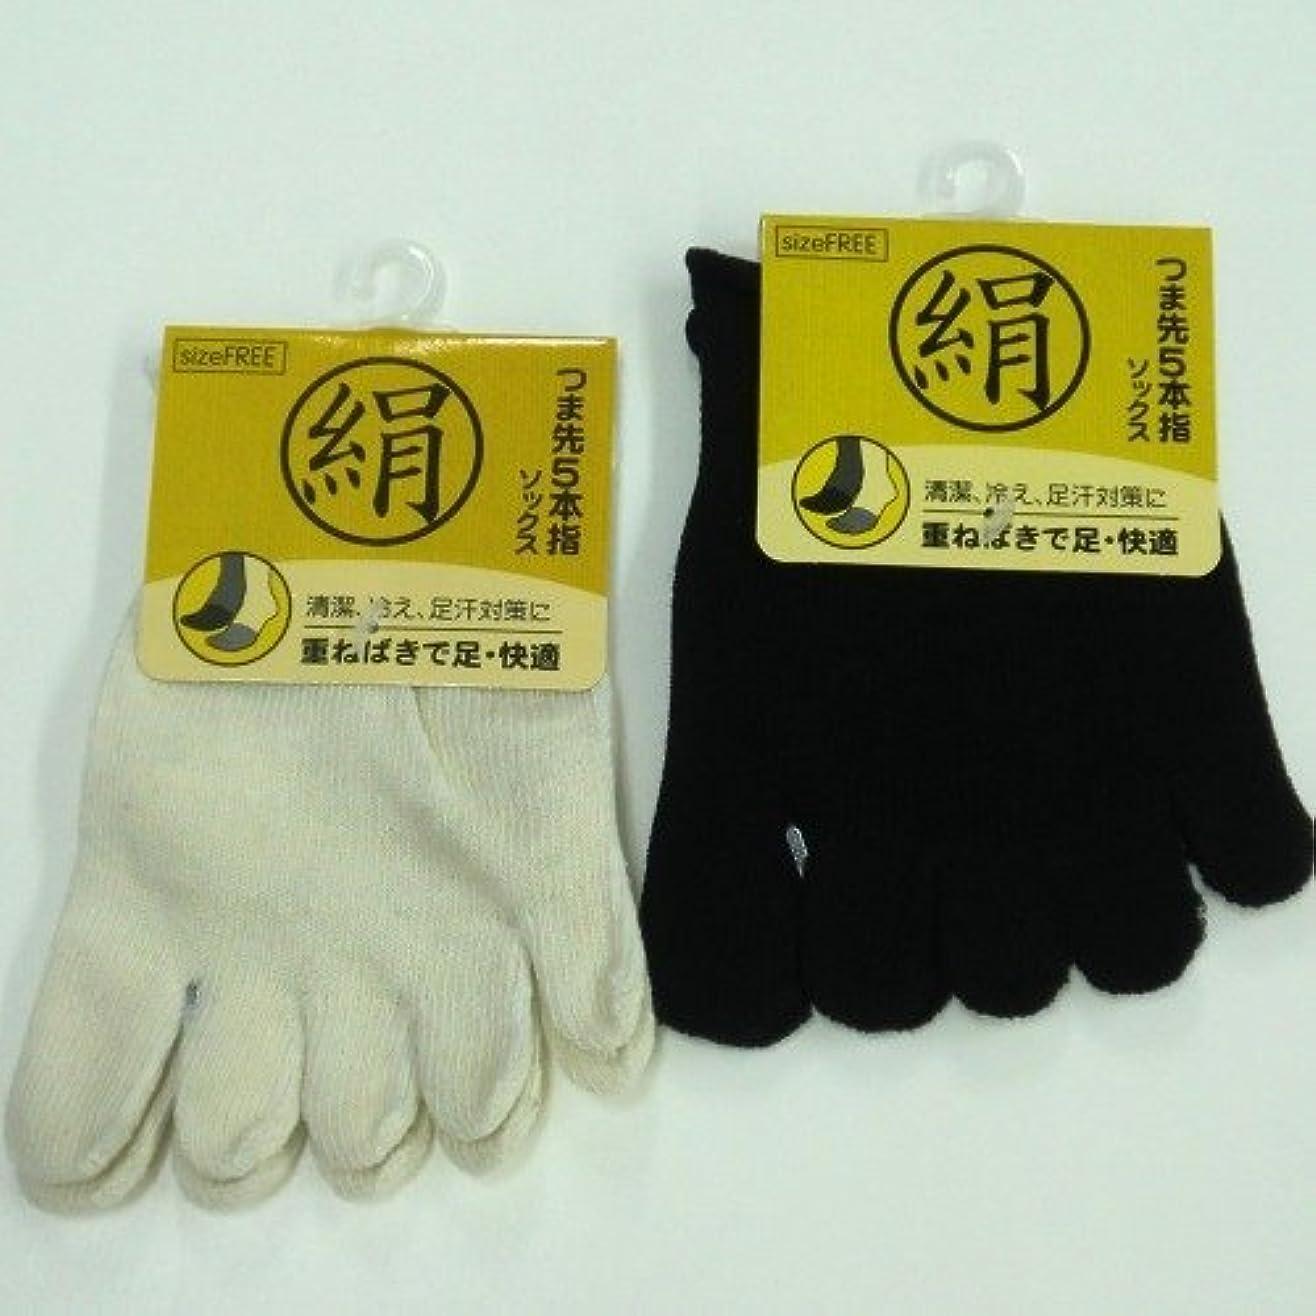 ばかげているスナップわずらわしいシルク 5本指ハーフソックス 足指カバー 天然素材絹で抗菌防臭 3足組 (色はお任せ)